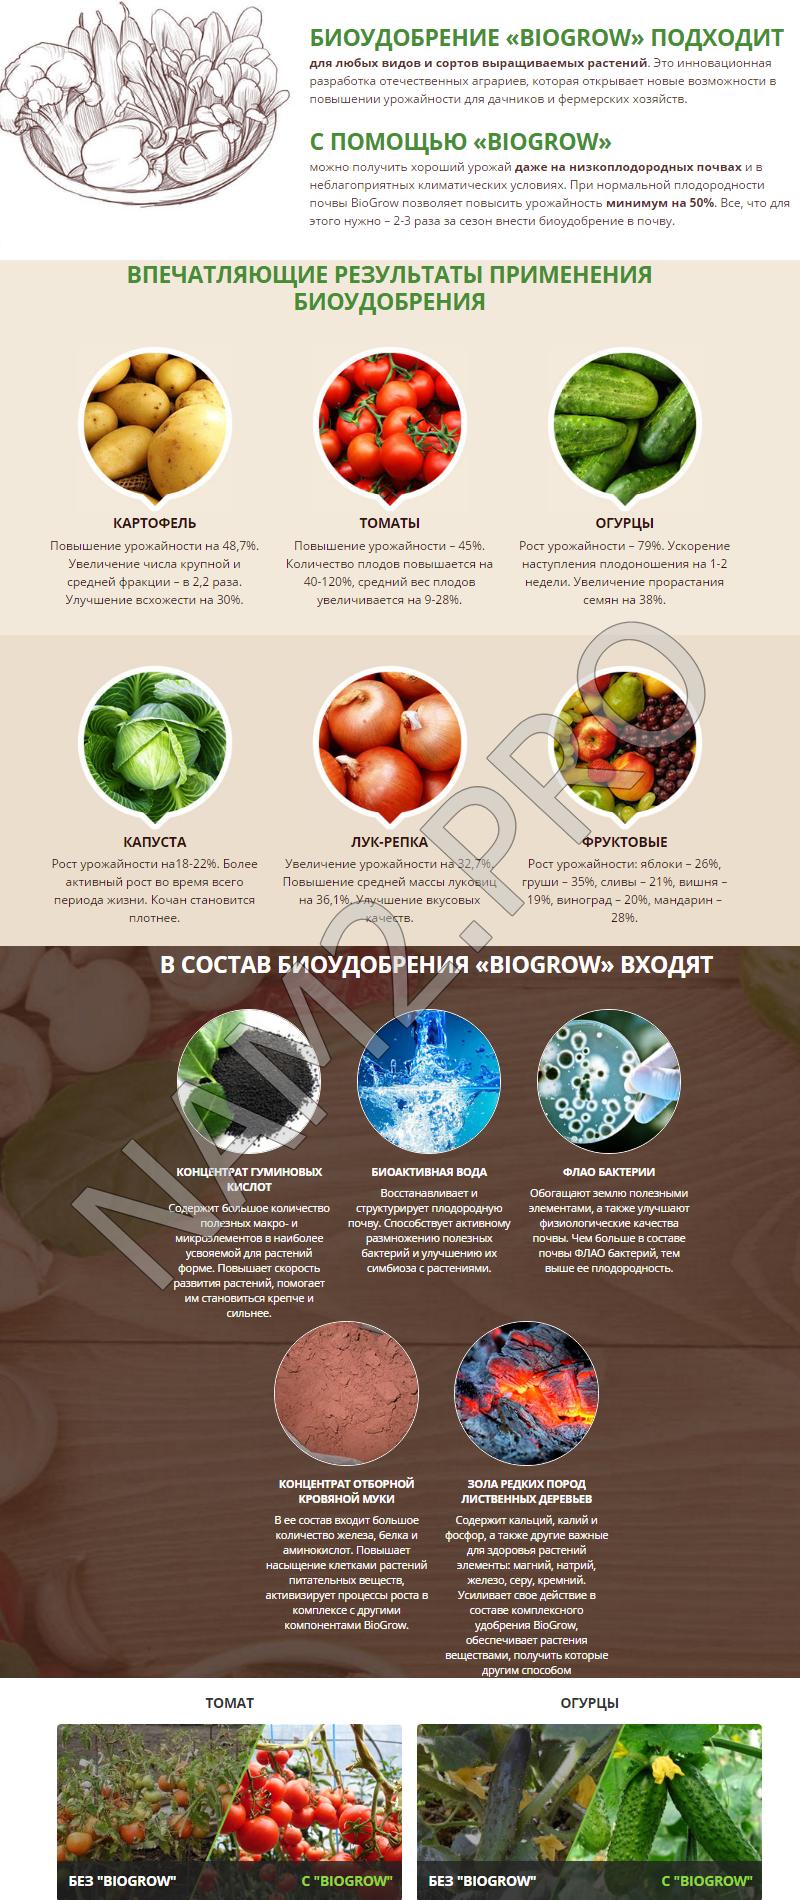 Удобрение biogrow: преимущества и недостатки применения